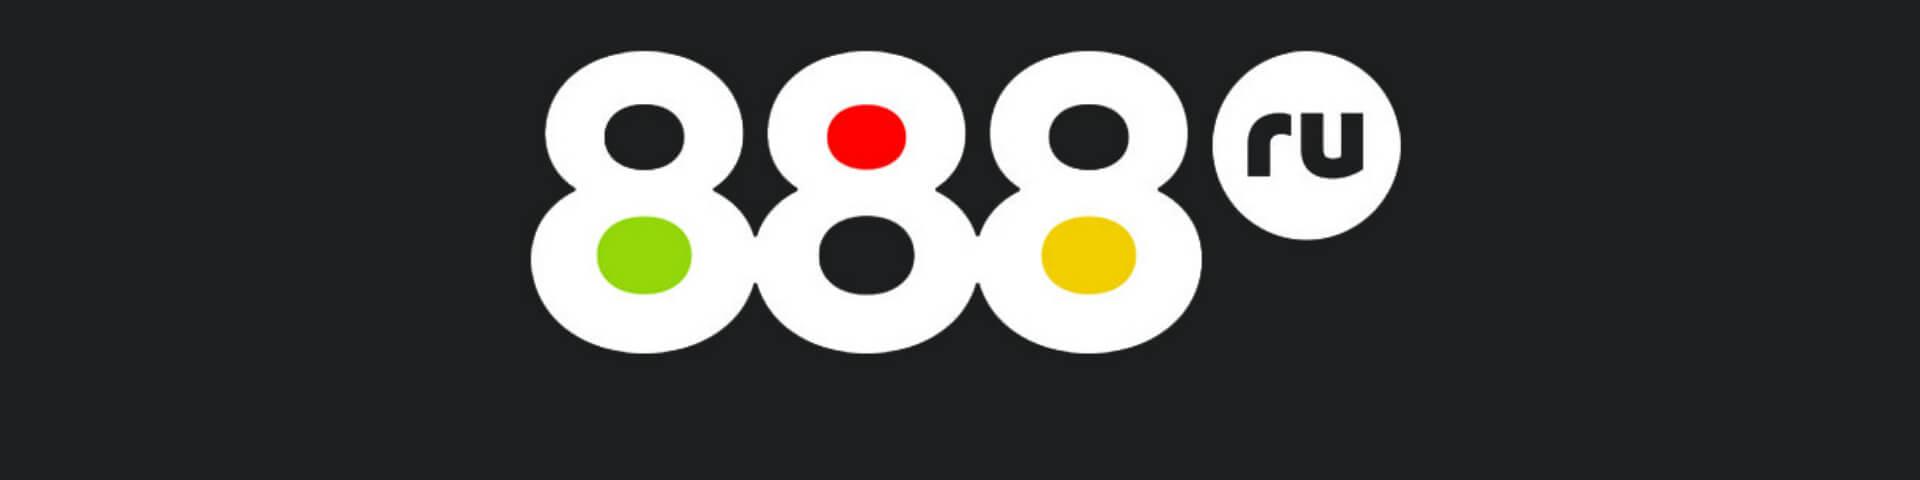 Акция БК «888.ru»: фрибет до 1 500 рублей за точный прогноз на матчи РПЛ